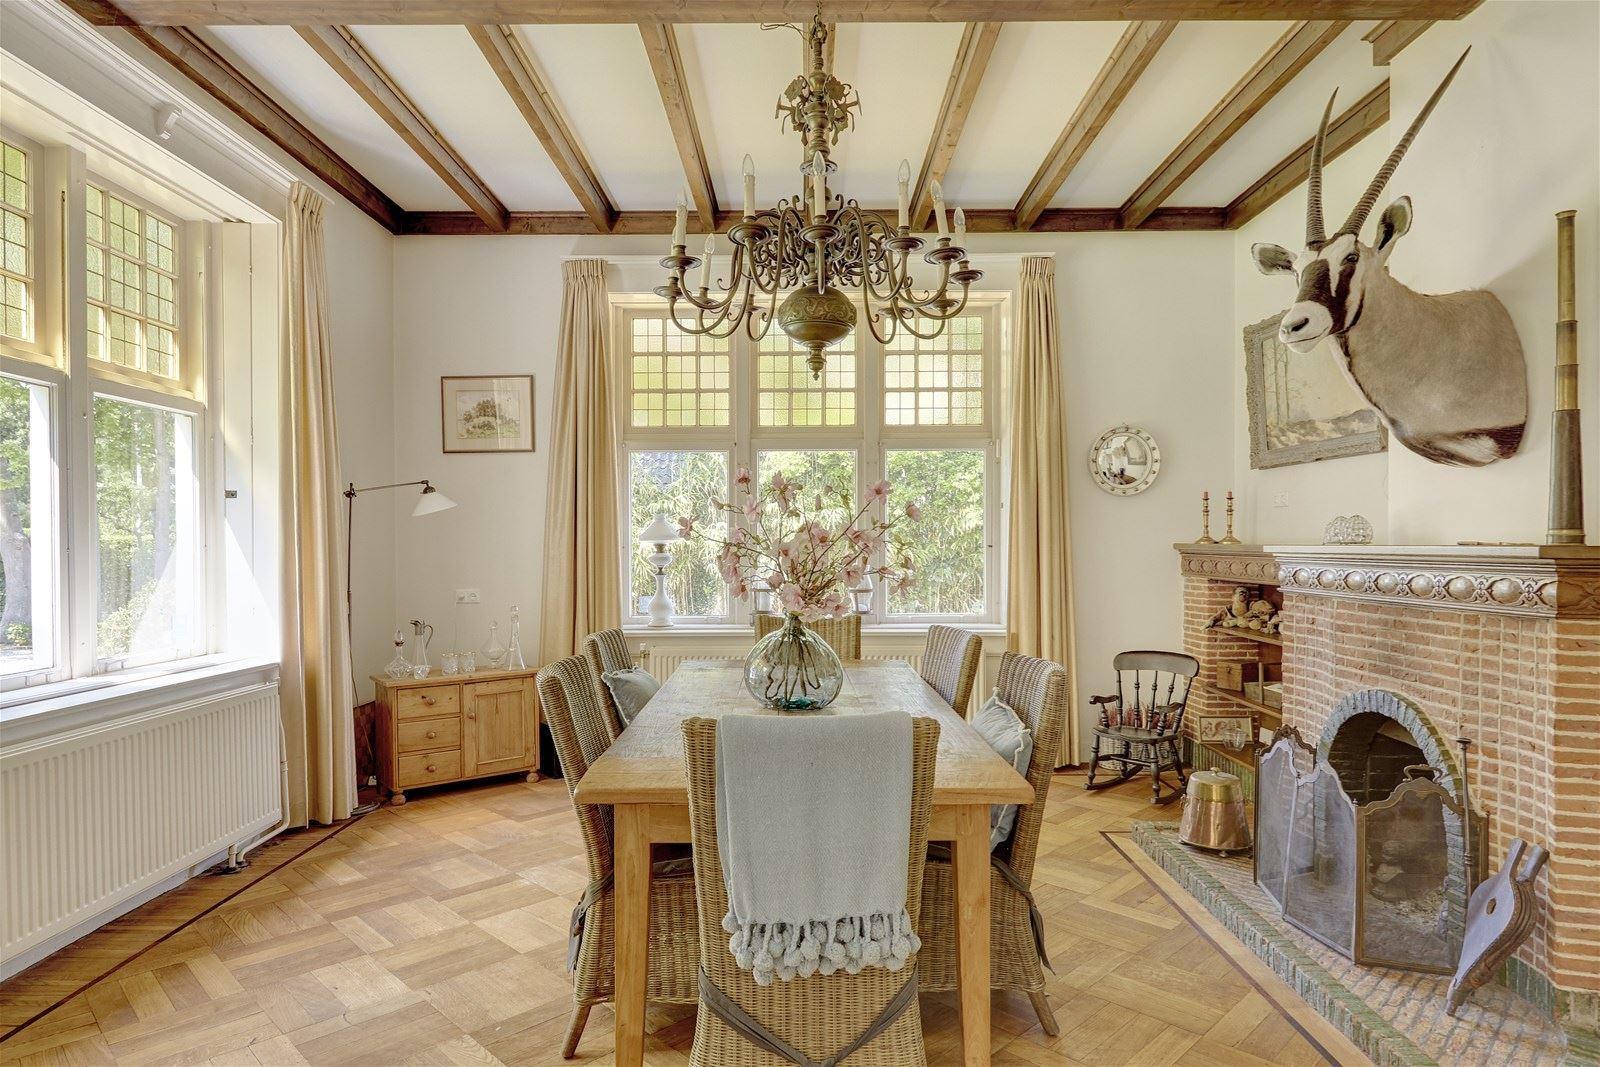 Nhà ở quê đẹp yên bình với những khoảng không gian ngập tràn ánh sáng - Ảnh 17.